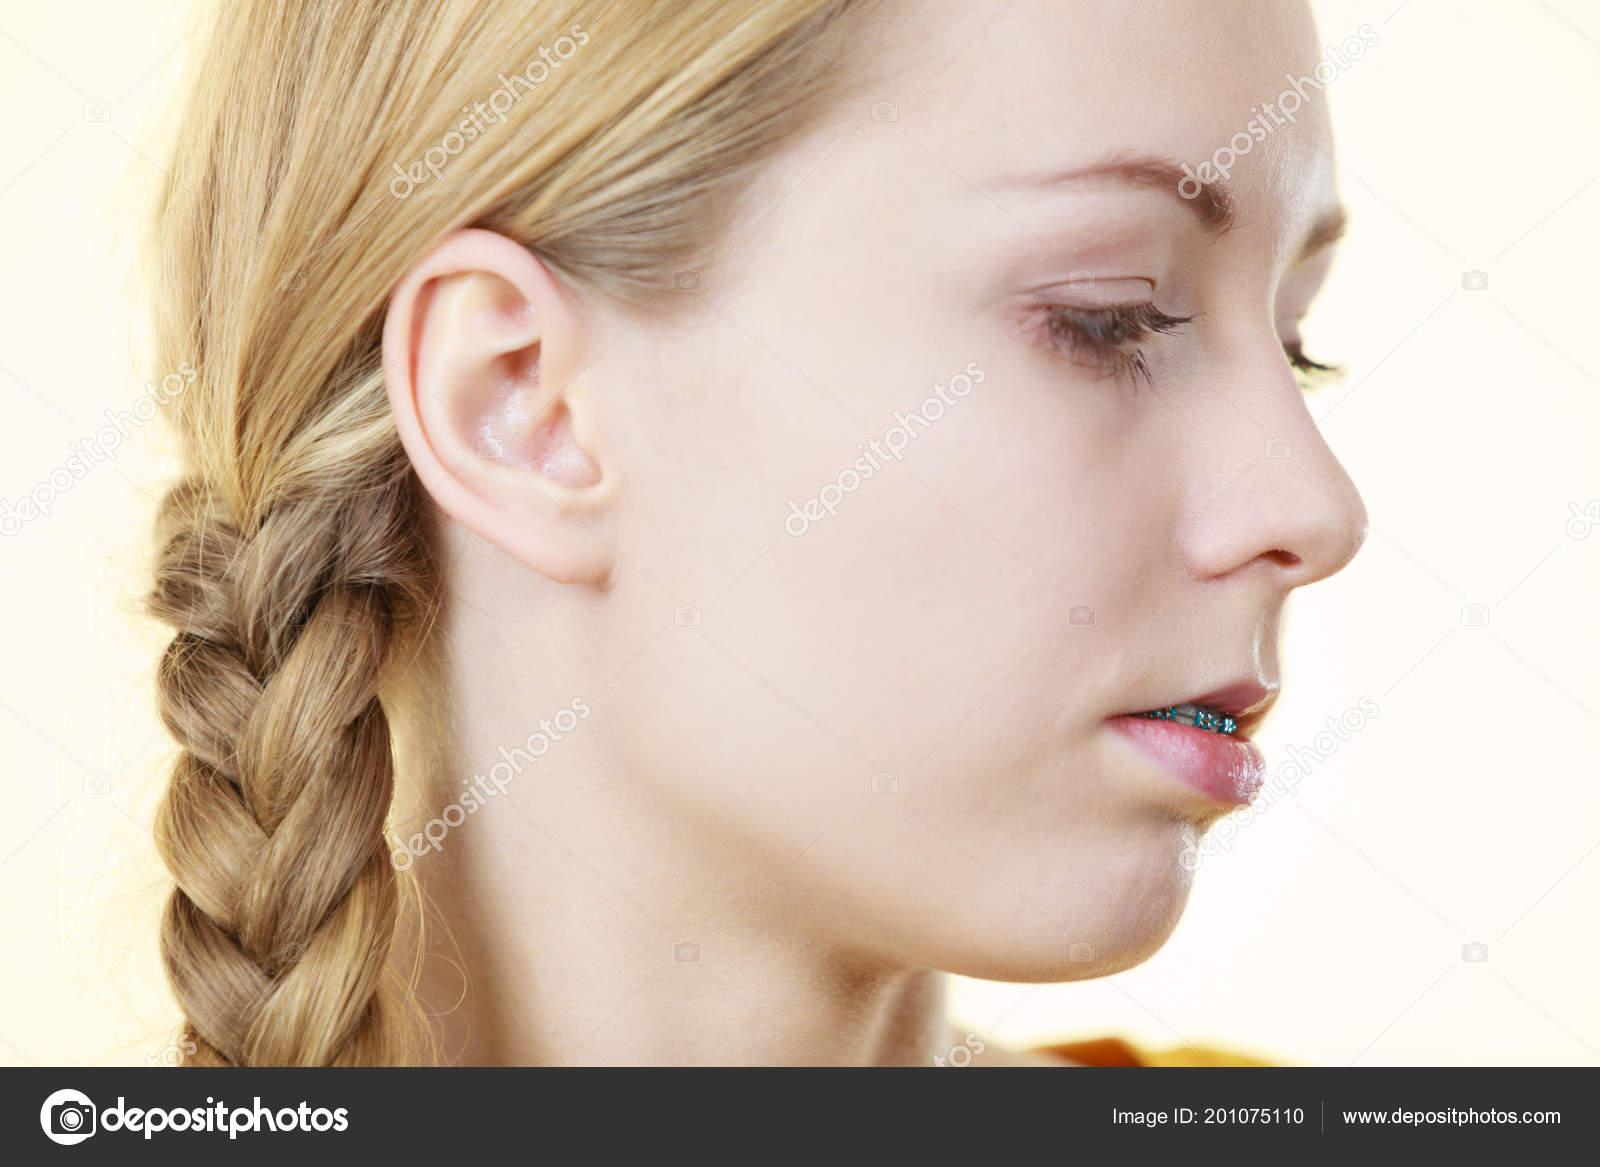 Profil Seite Ansicht Portrat Der Jungen Frau Die Blonde Haare